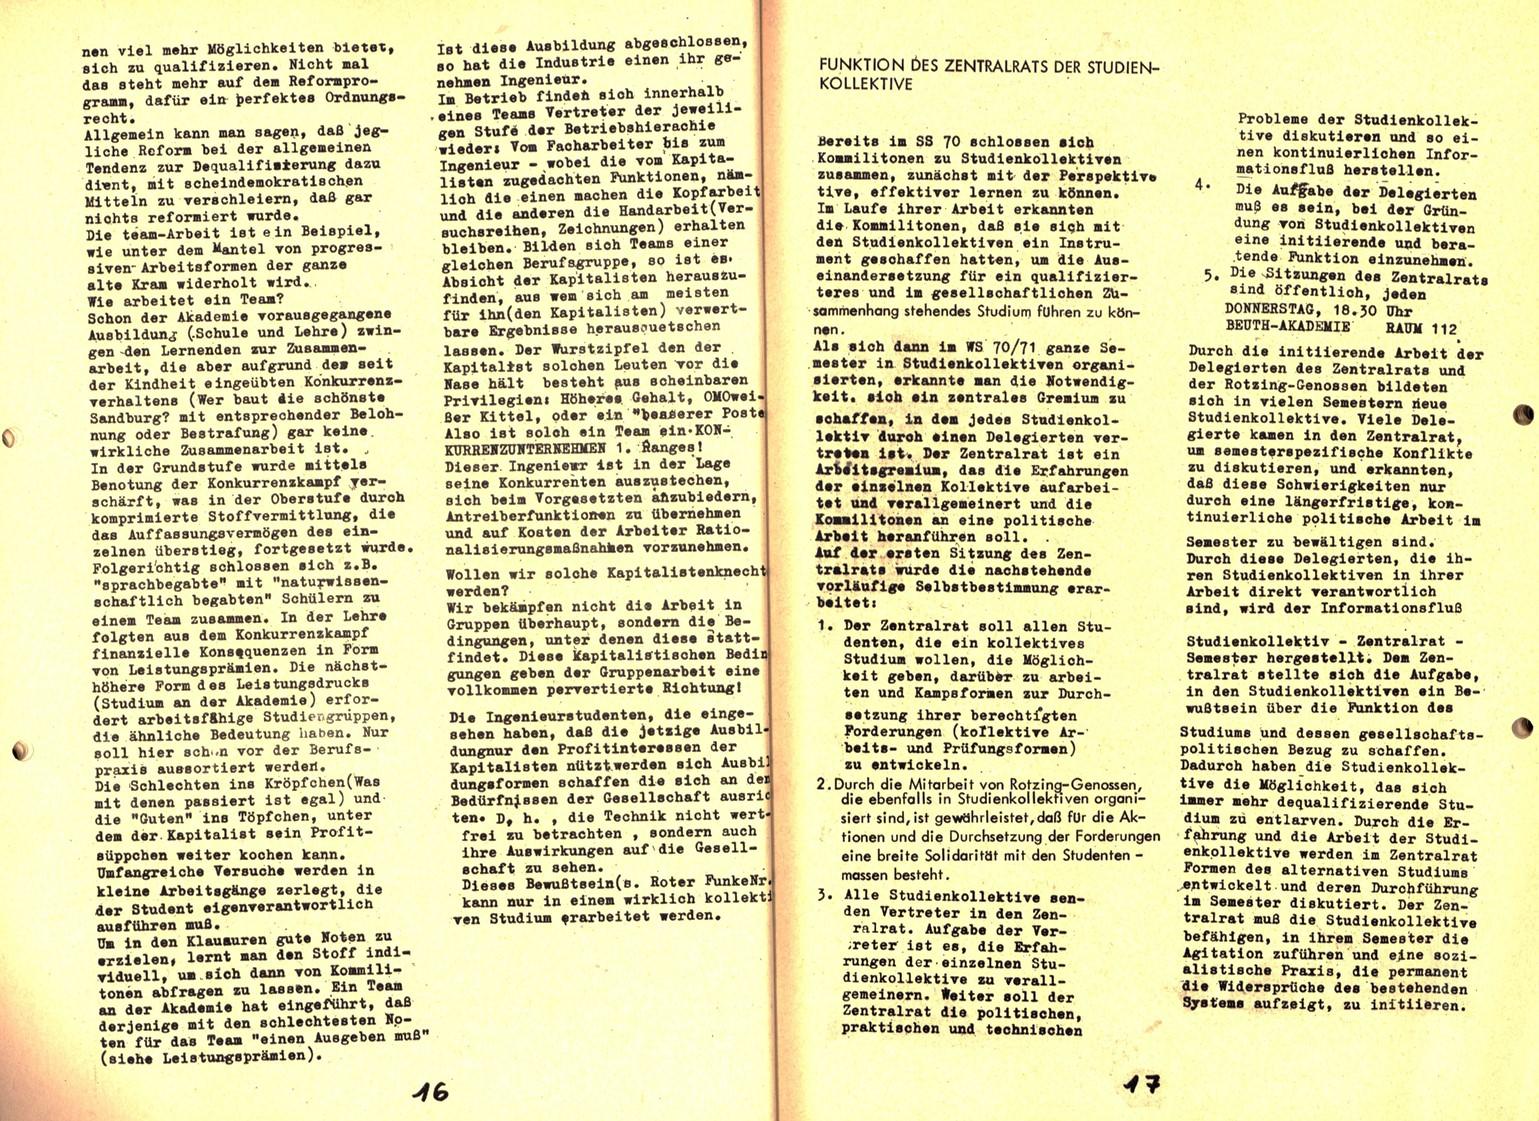 Berlin_Rotzing_1971_Kampfbericht_09